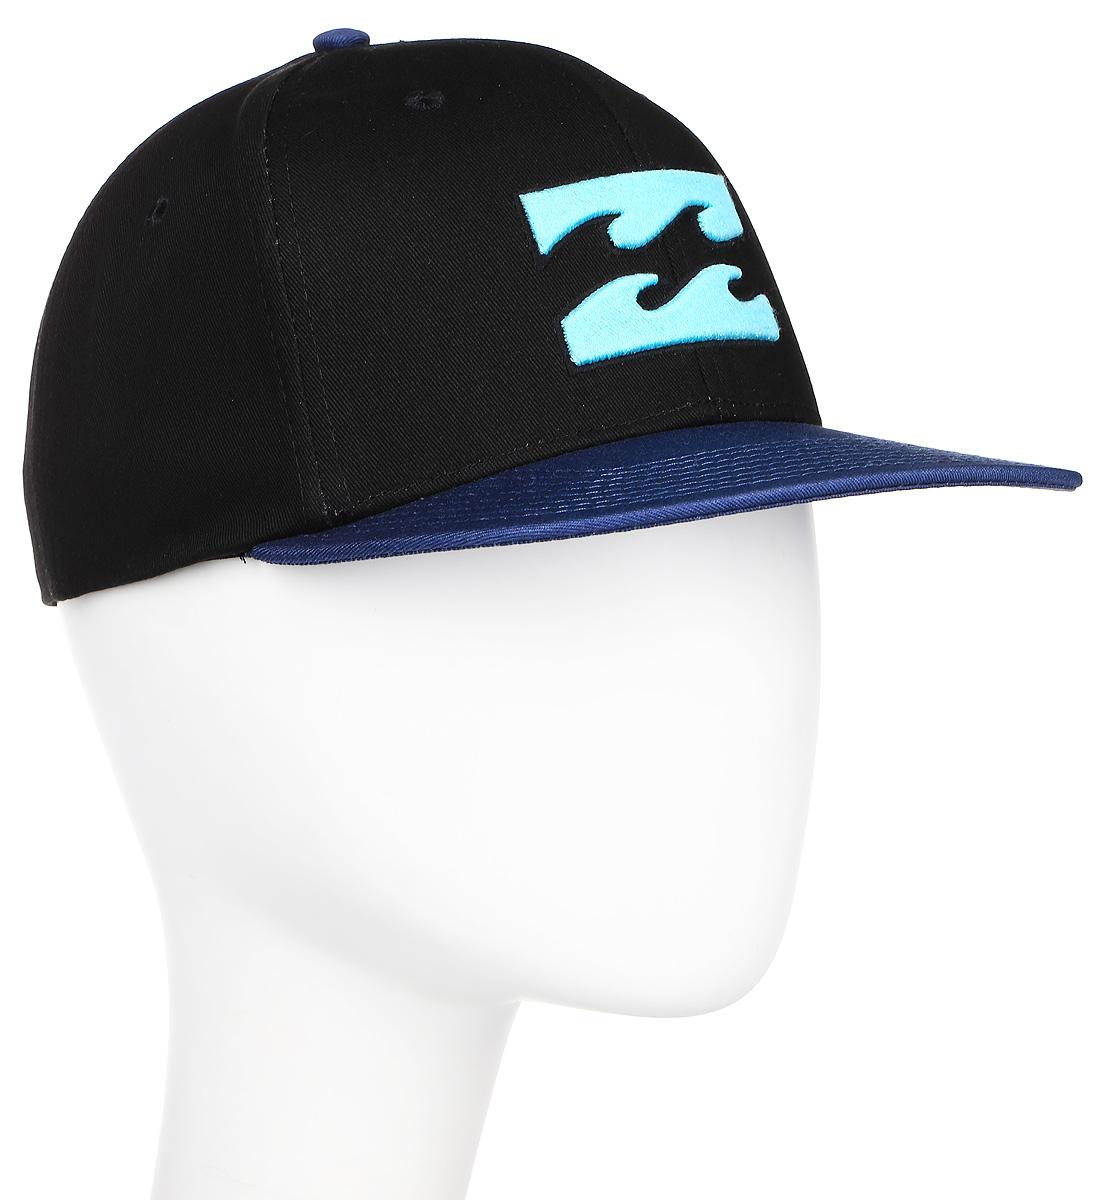 Бейсболка Billabong All Day Snapback, цвет: черный, синий. 3607869369827. Размер универсальный3607869369827Классическая кепка с фирменным логотипом для юных любителей этого стильного аксессуара. Четкие линии, прямой козырек, вышивка с логотипом. Все гениальное просто!